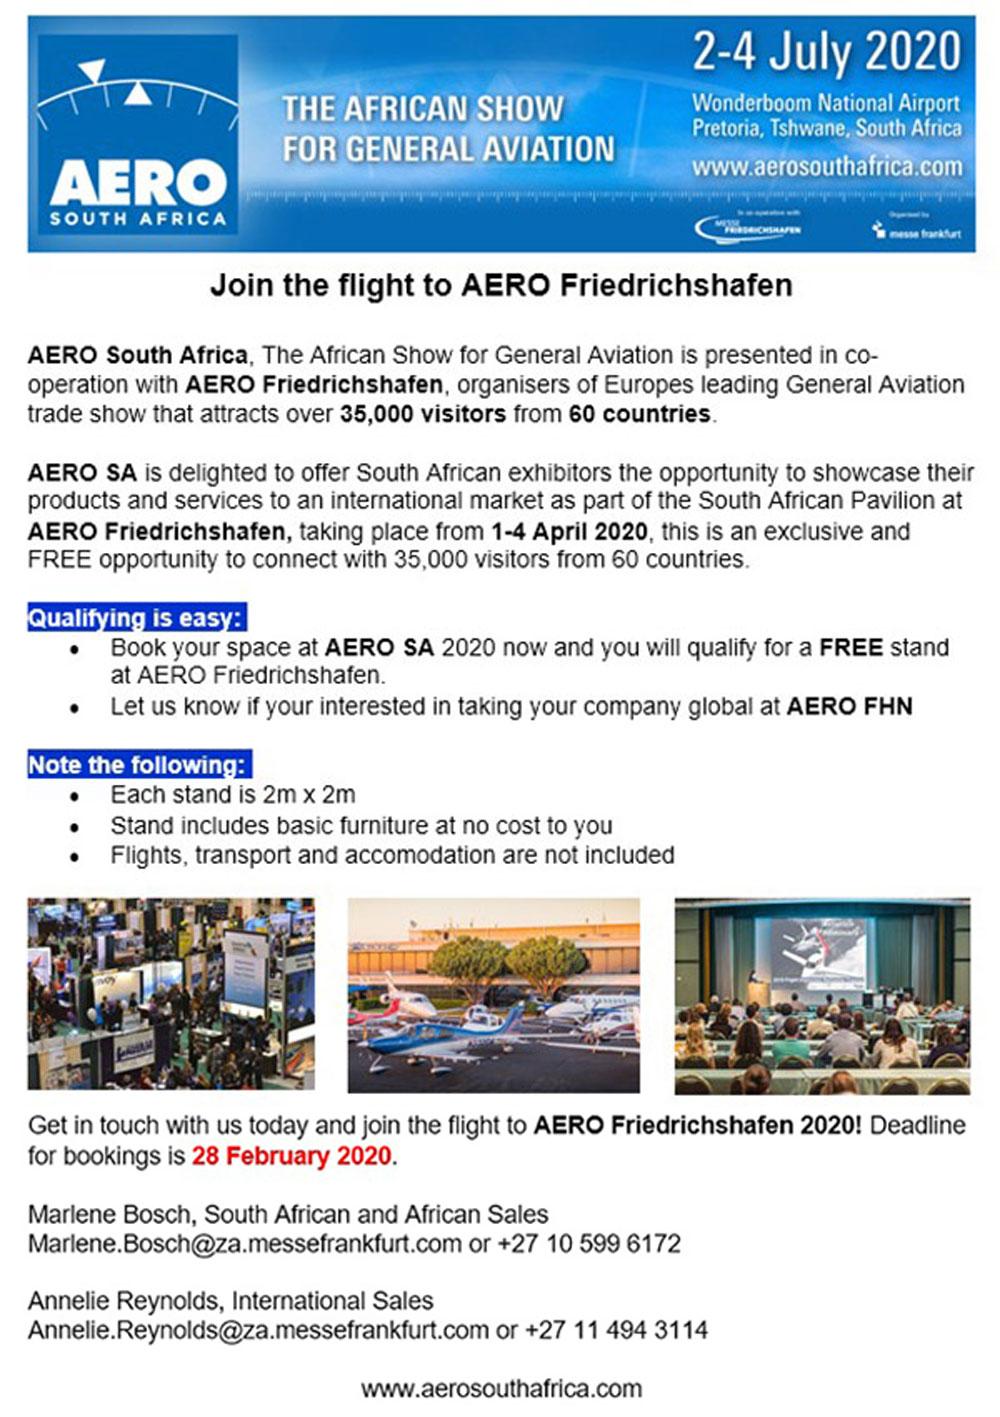 AERO Friedrichshafen 2020 offer